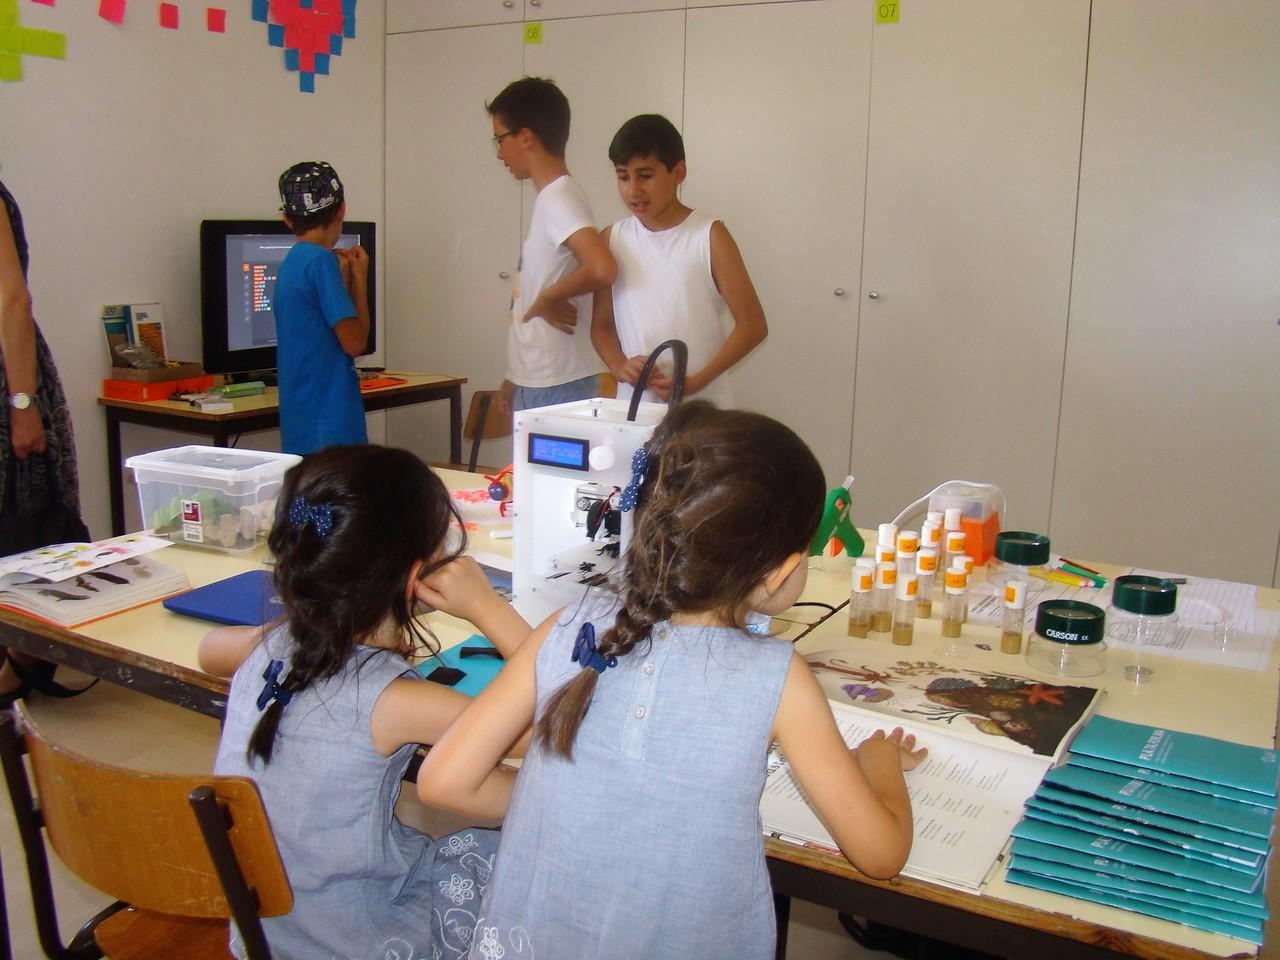 Bezoekers van de plaatselijke gemeenschap verkennen de makerspace van het Open Science Centre: Plataforma de Ciência Aberta.